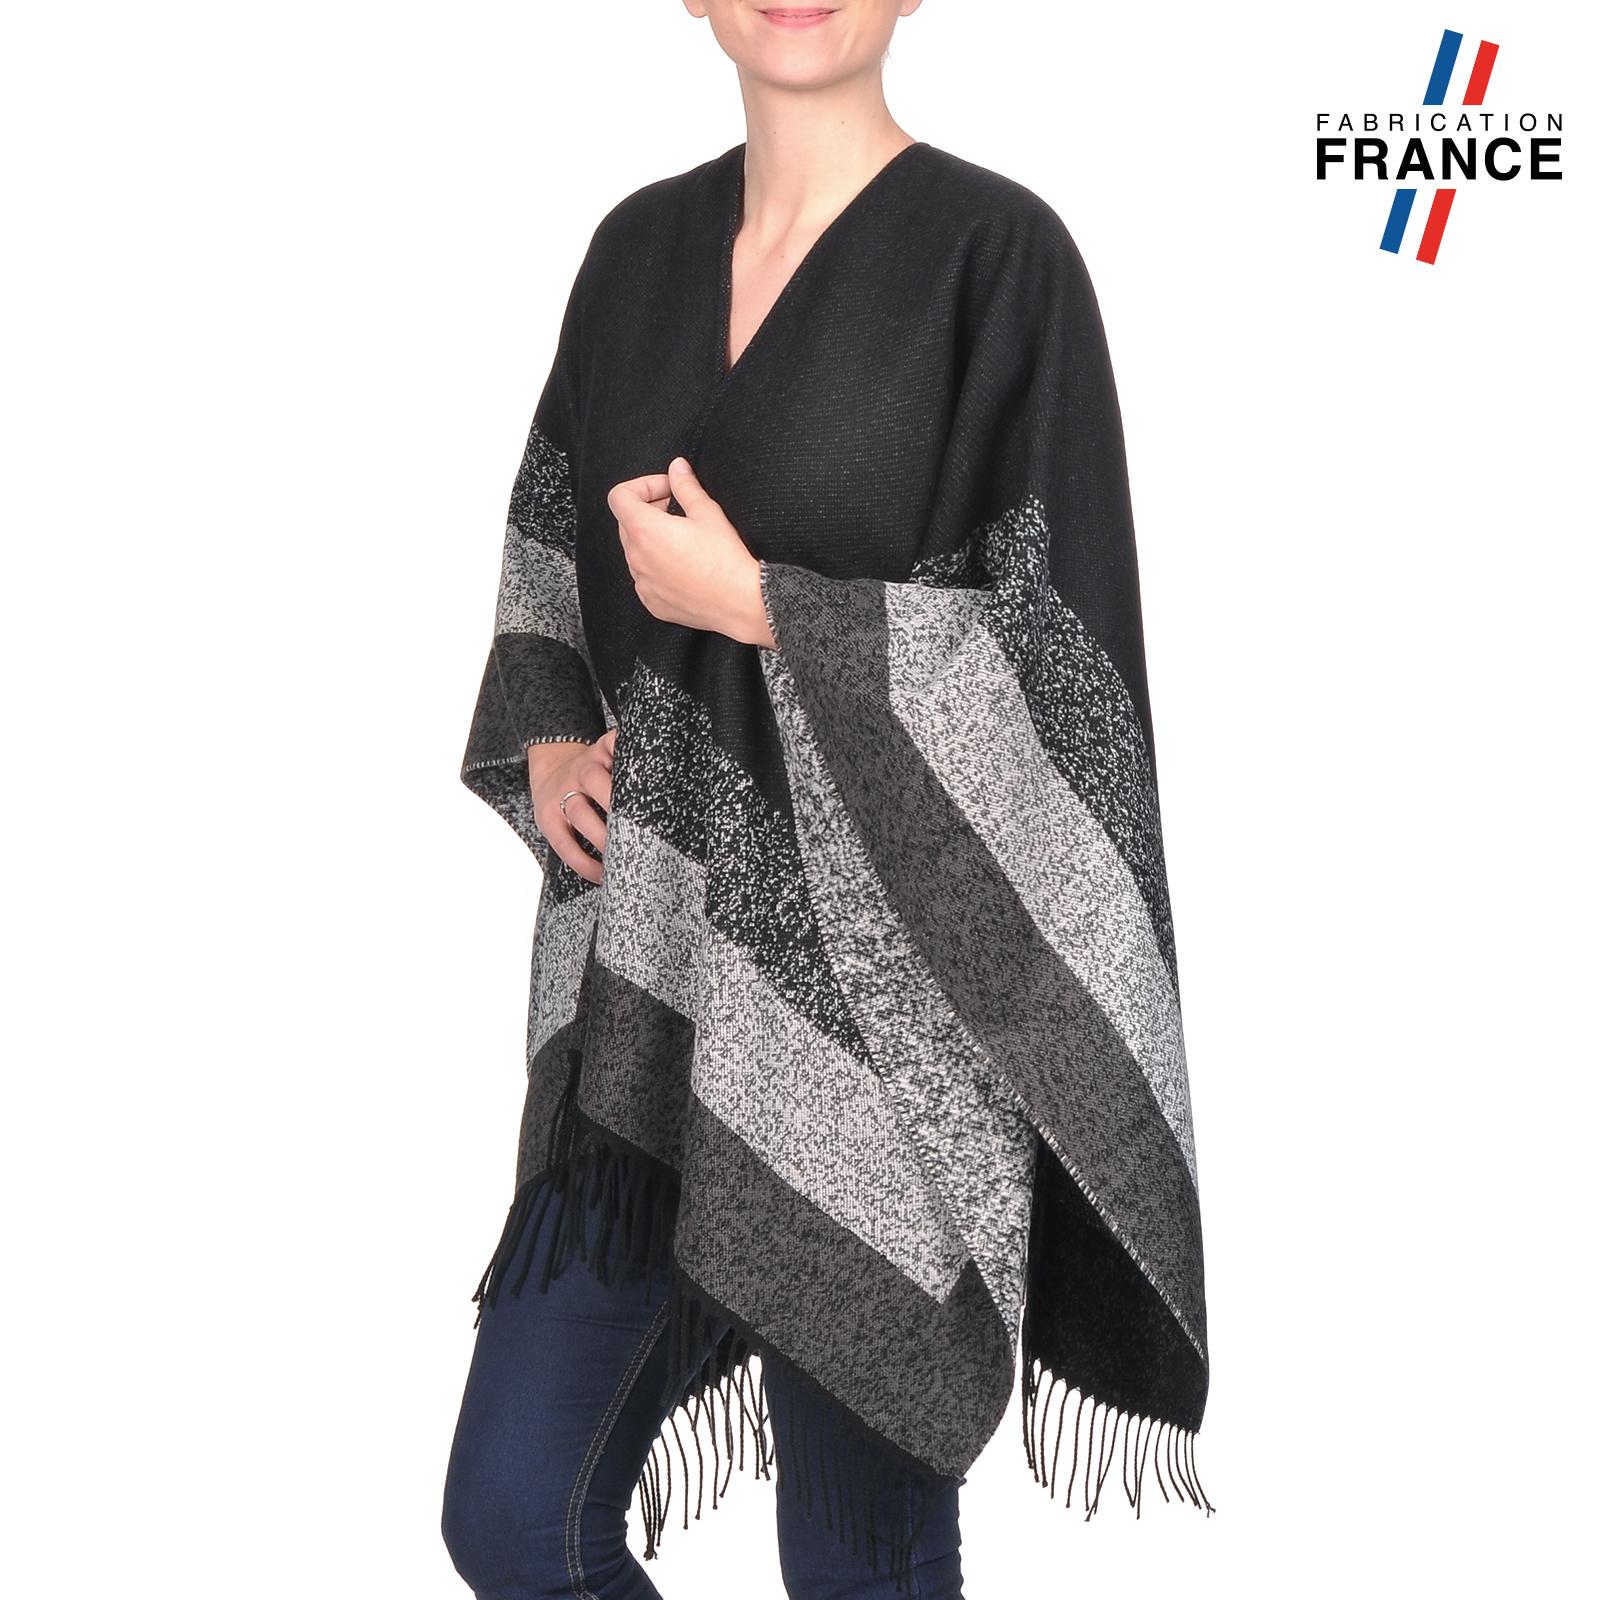 4616047d1572 Echarpe femme poncho - Zizique.fr